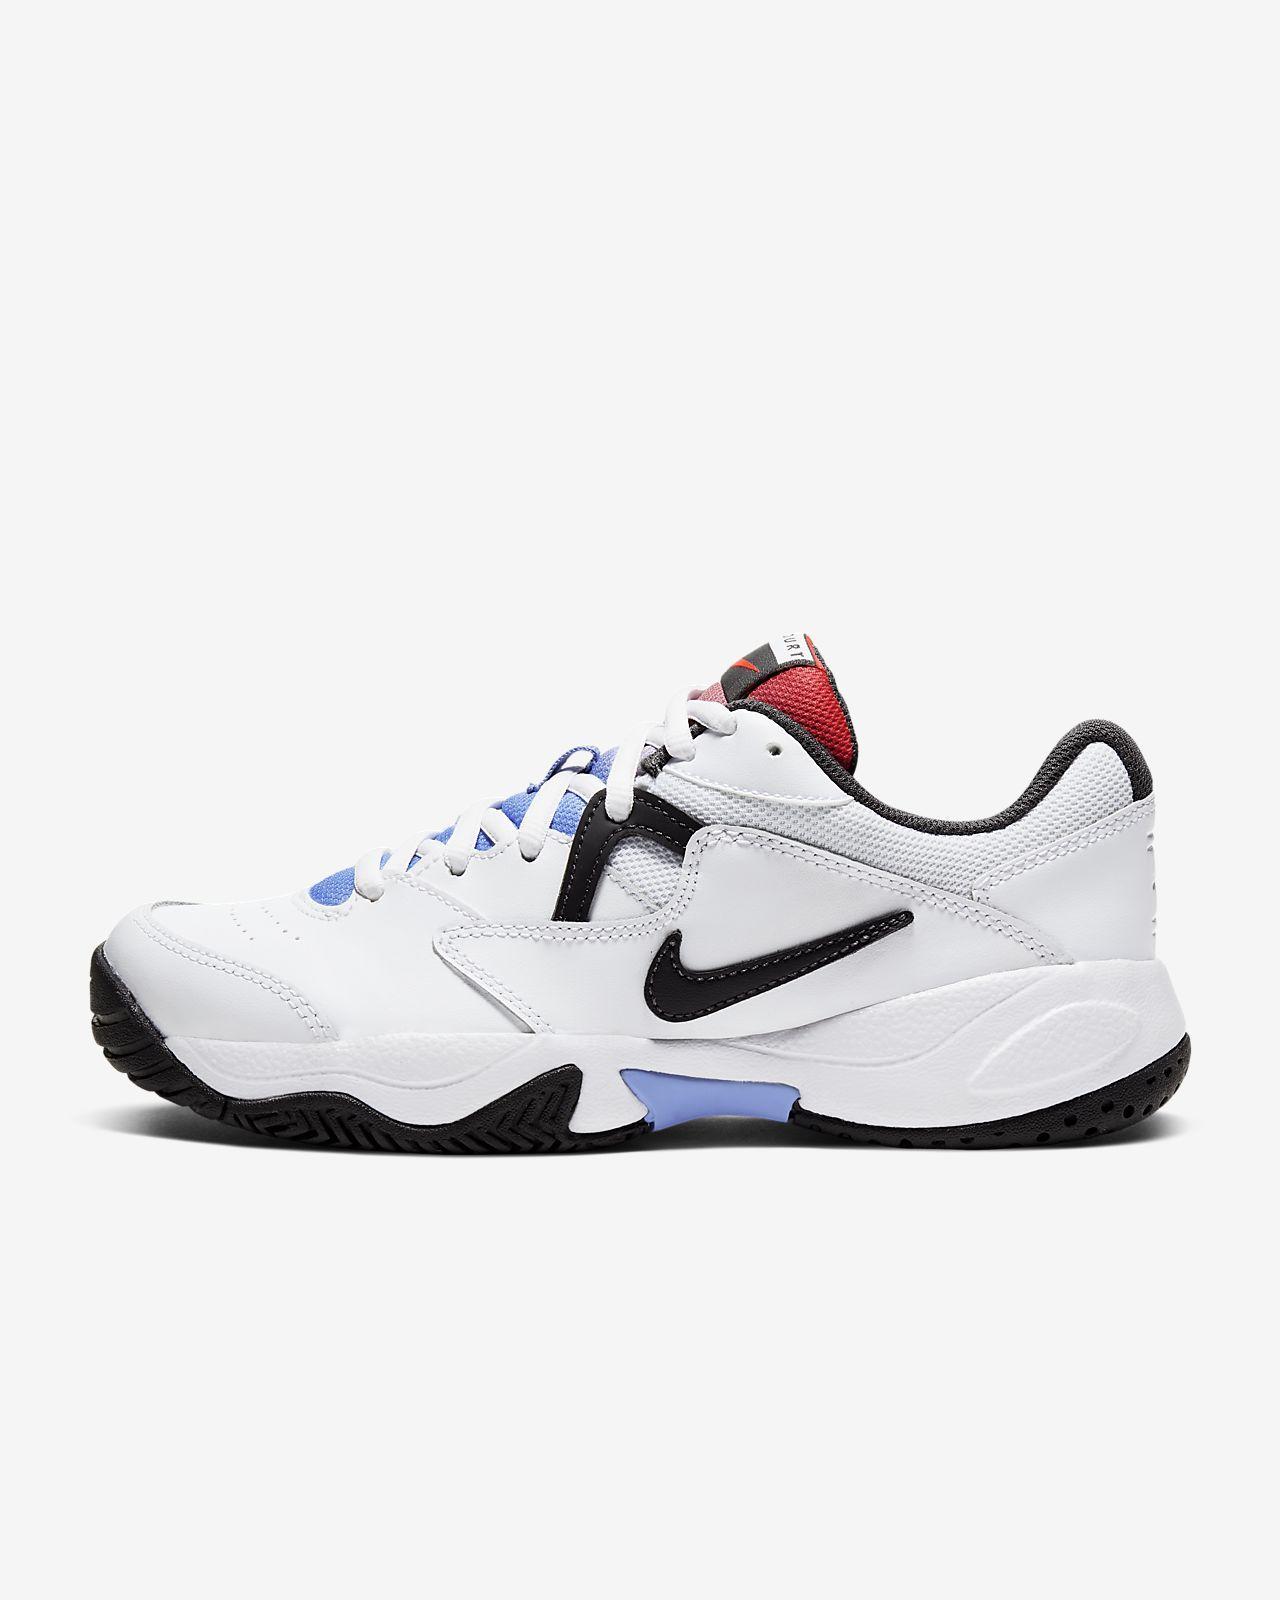 Nikecourt Lite 2 Women S Hard Court Tennis Shoe Nike Gb In 2020 Tennis Shoes Nike Shoes